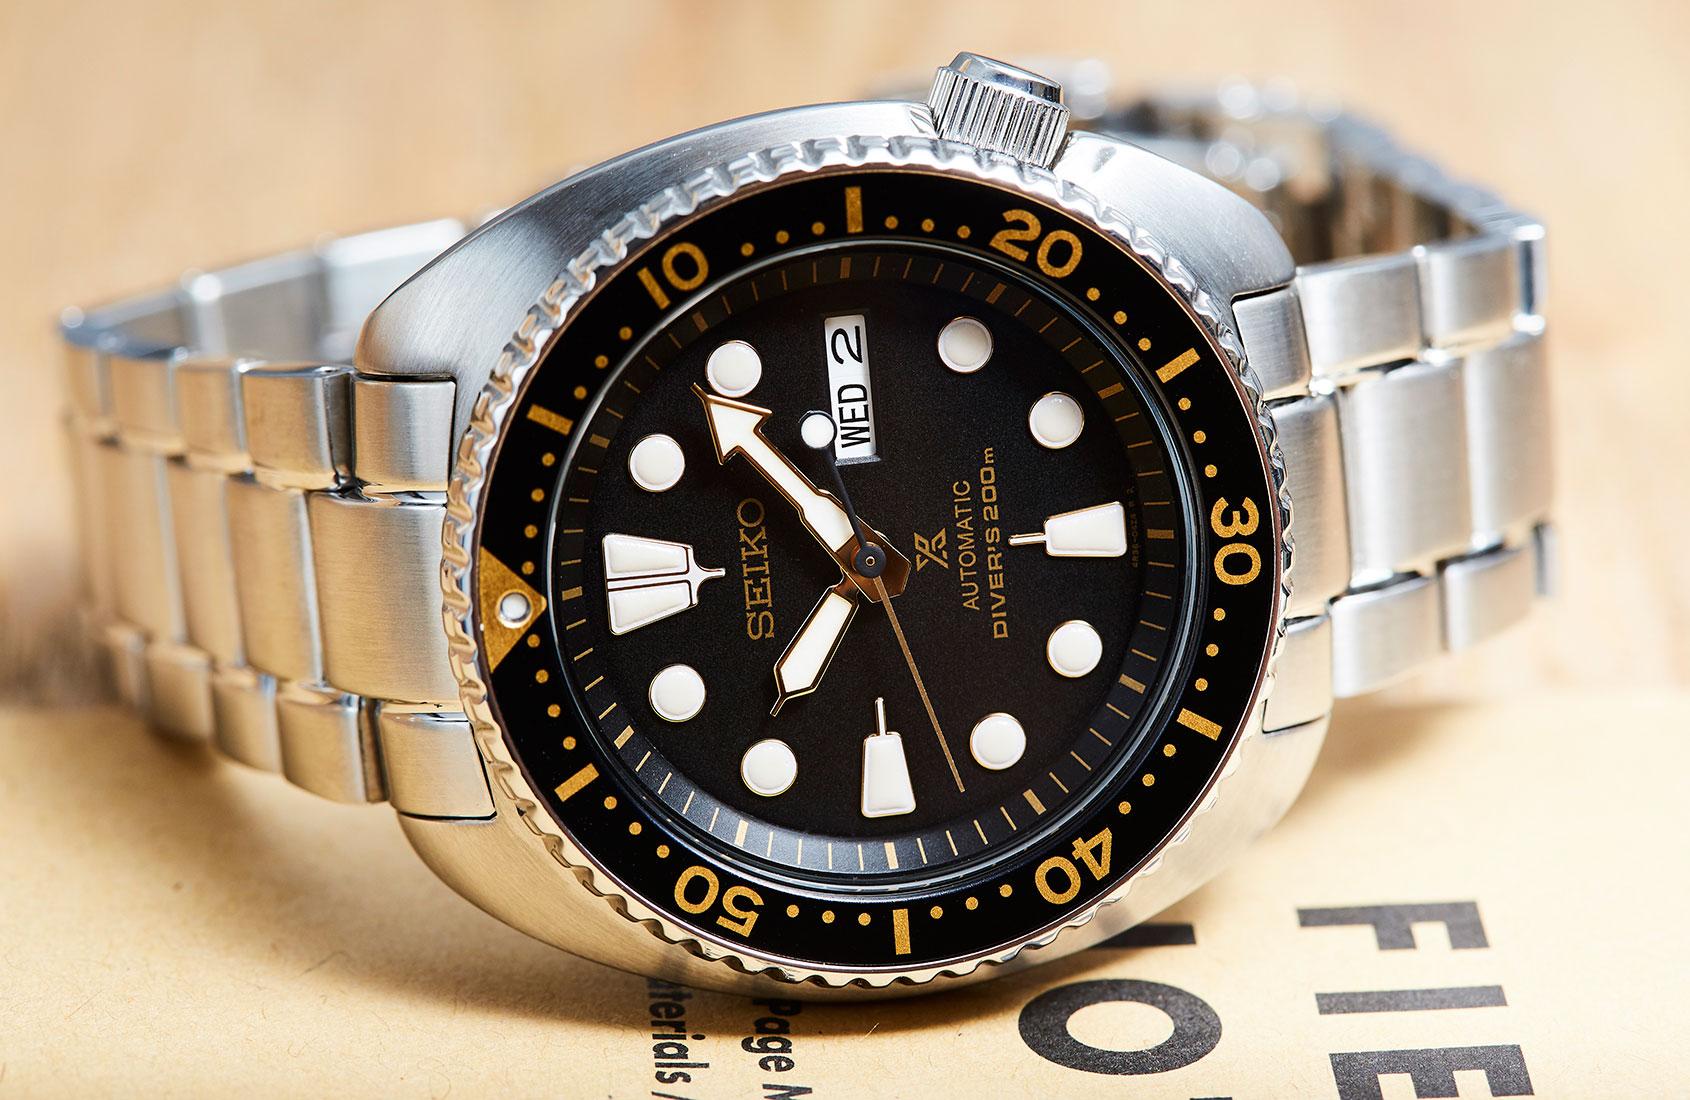 seiko-turtle-diver-9